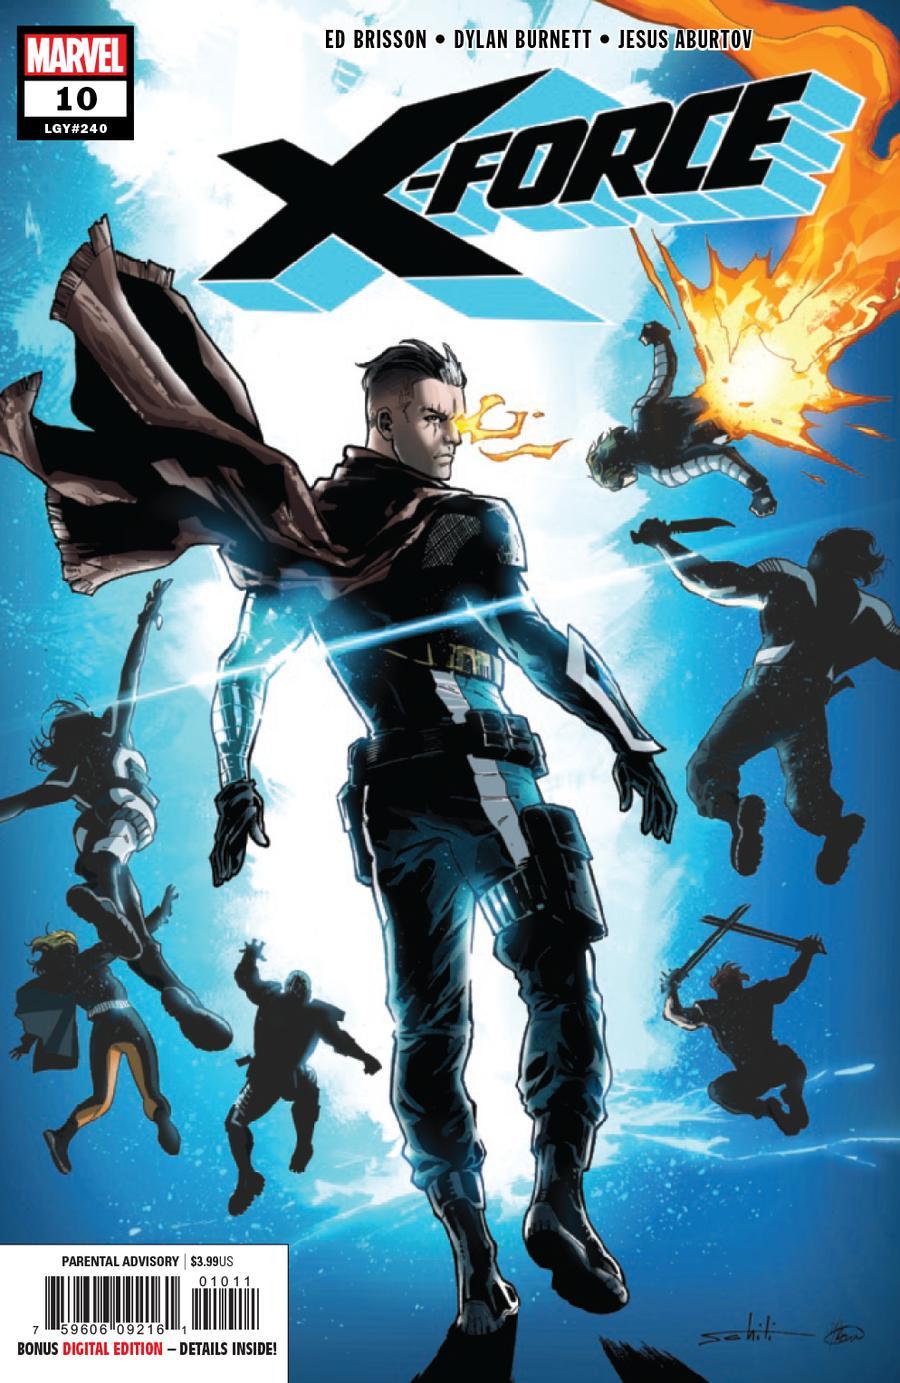 X-Force Vol 5 #10